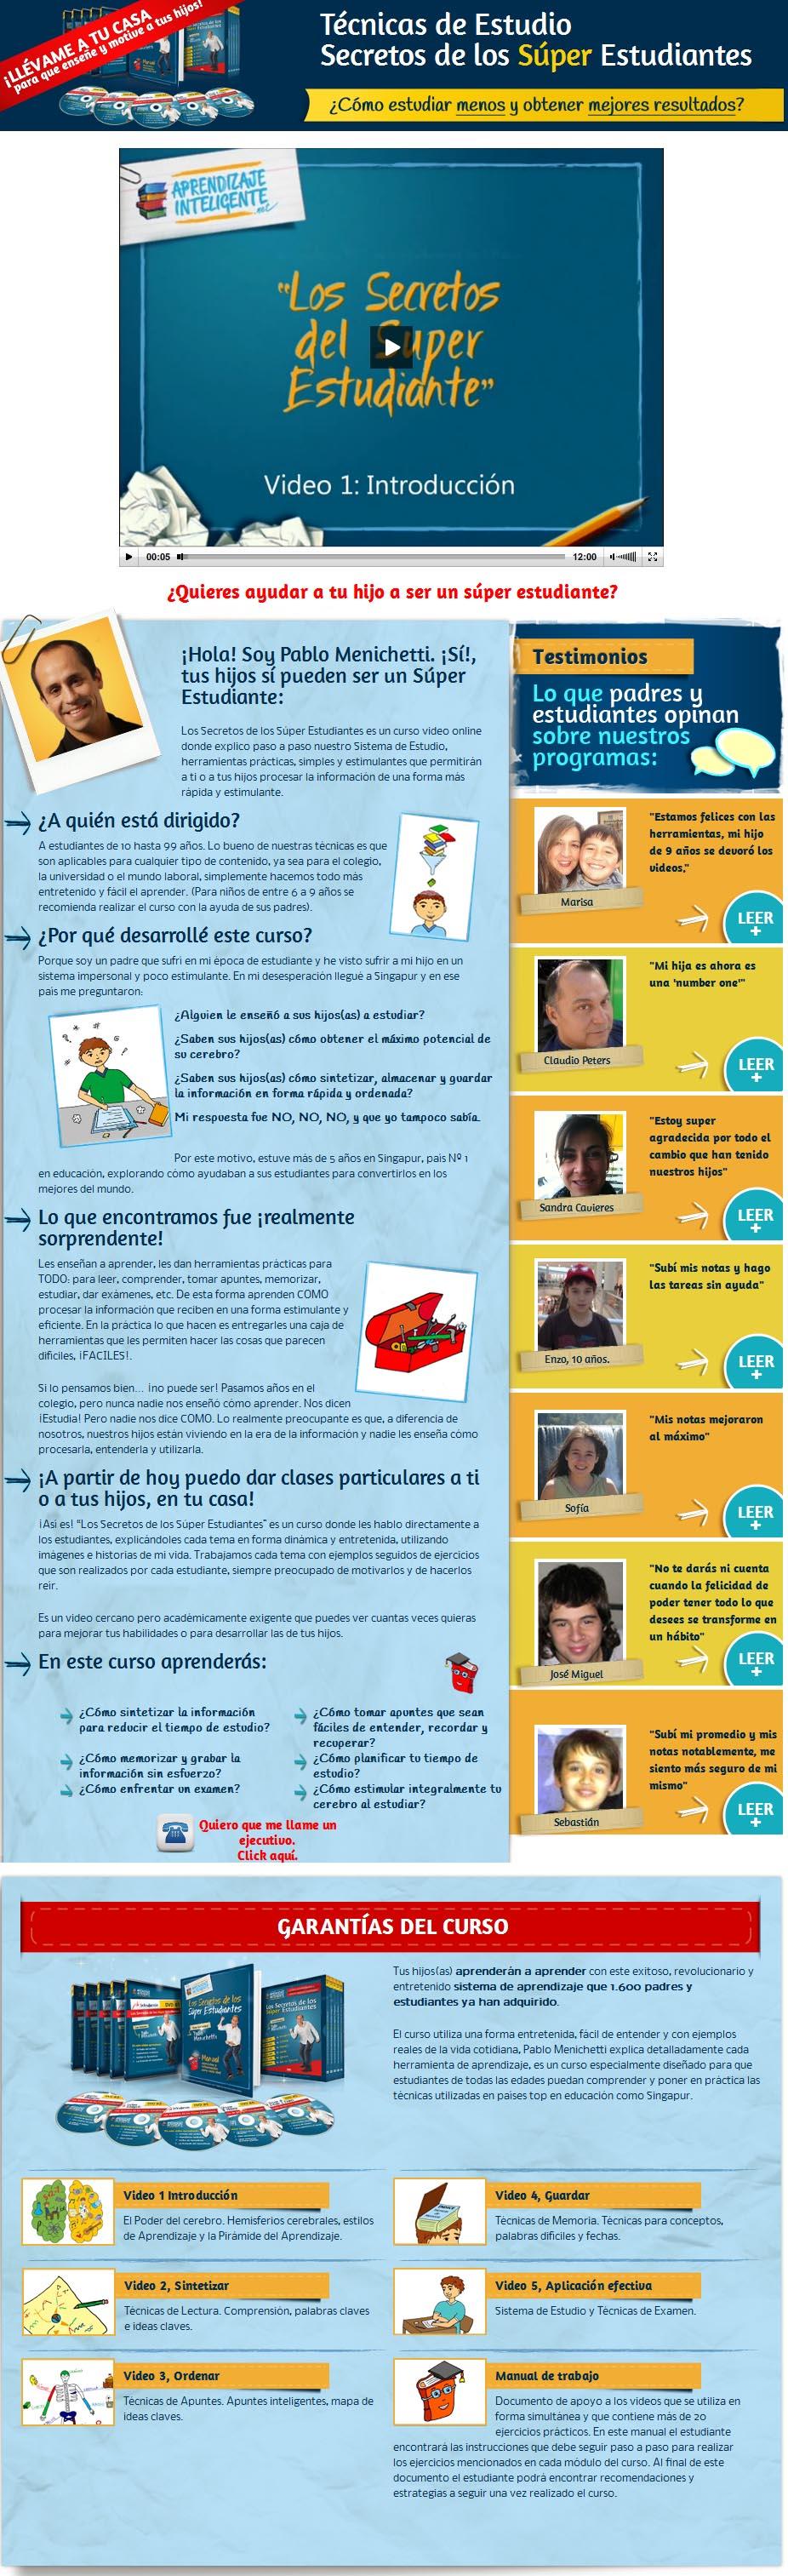 Curso forex 16 videos en castellano